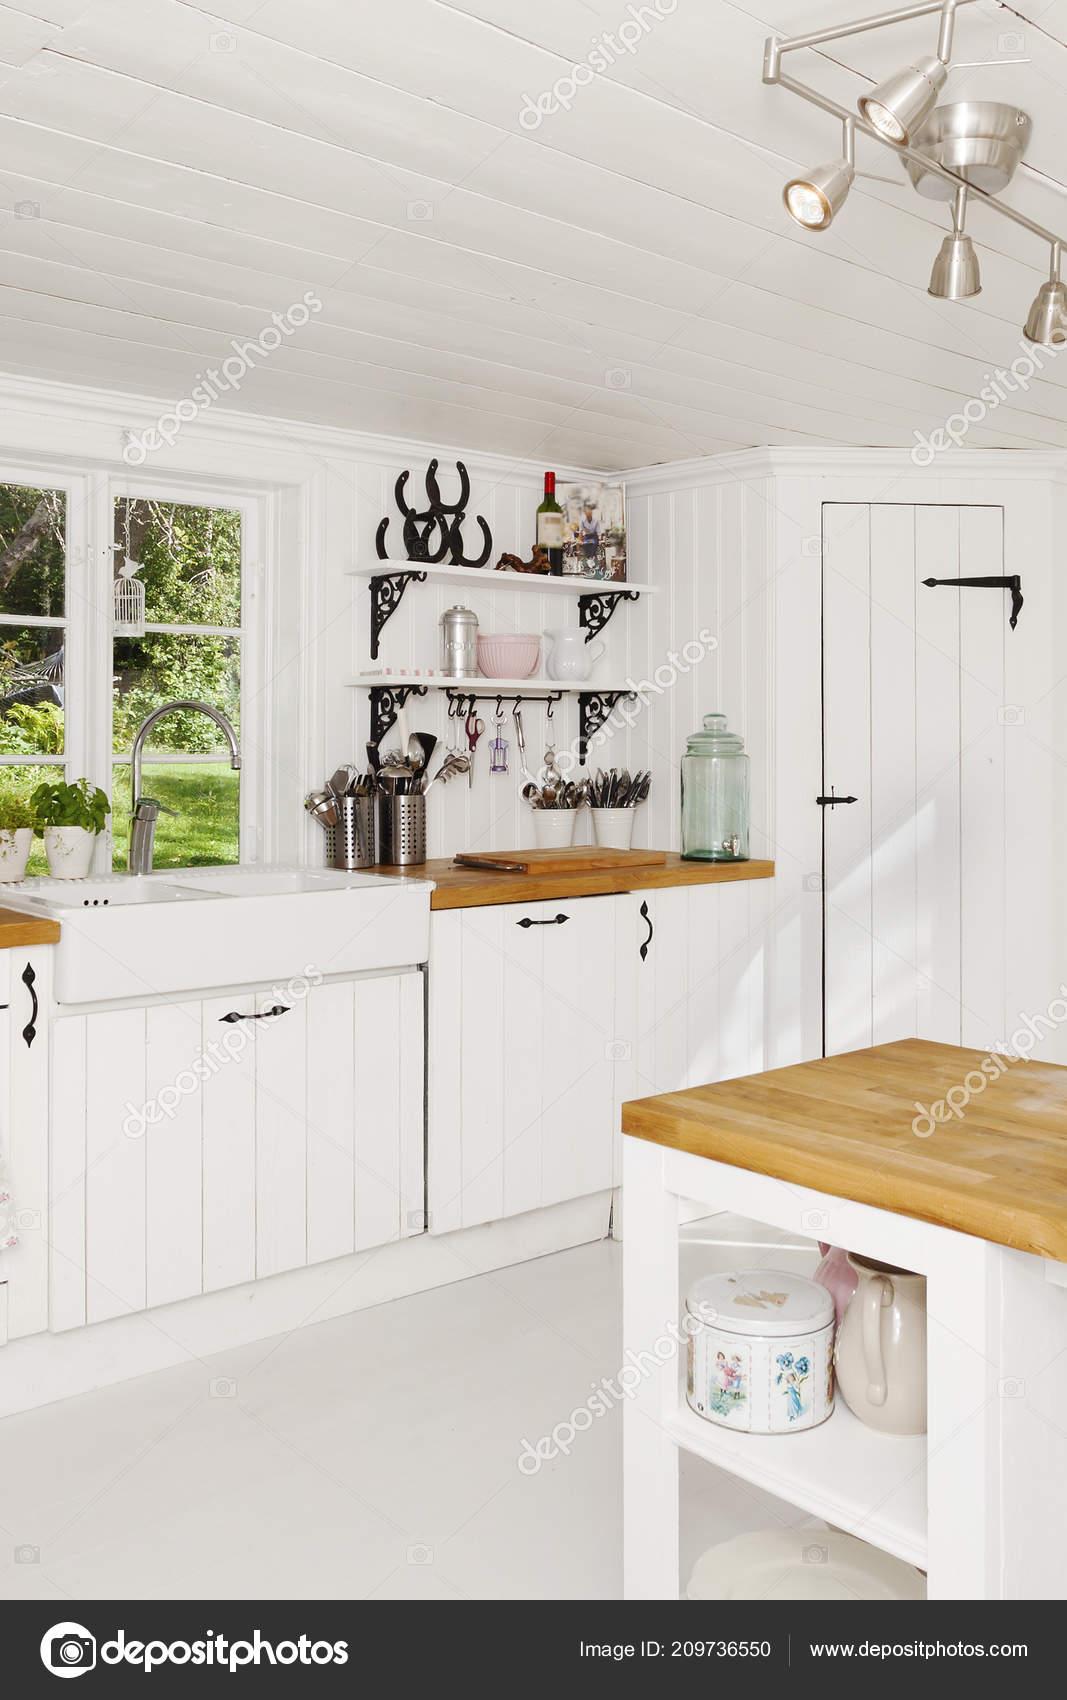 Interior Fancy Kitchen Background Stock Photo